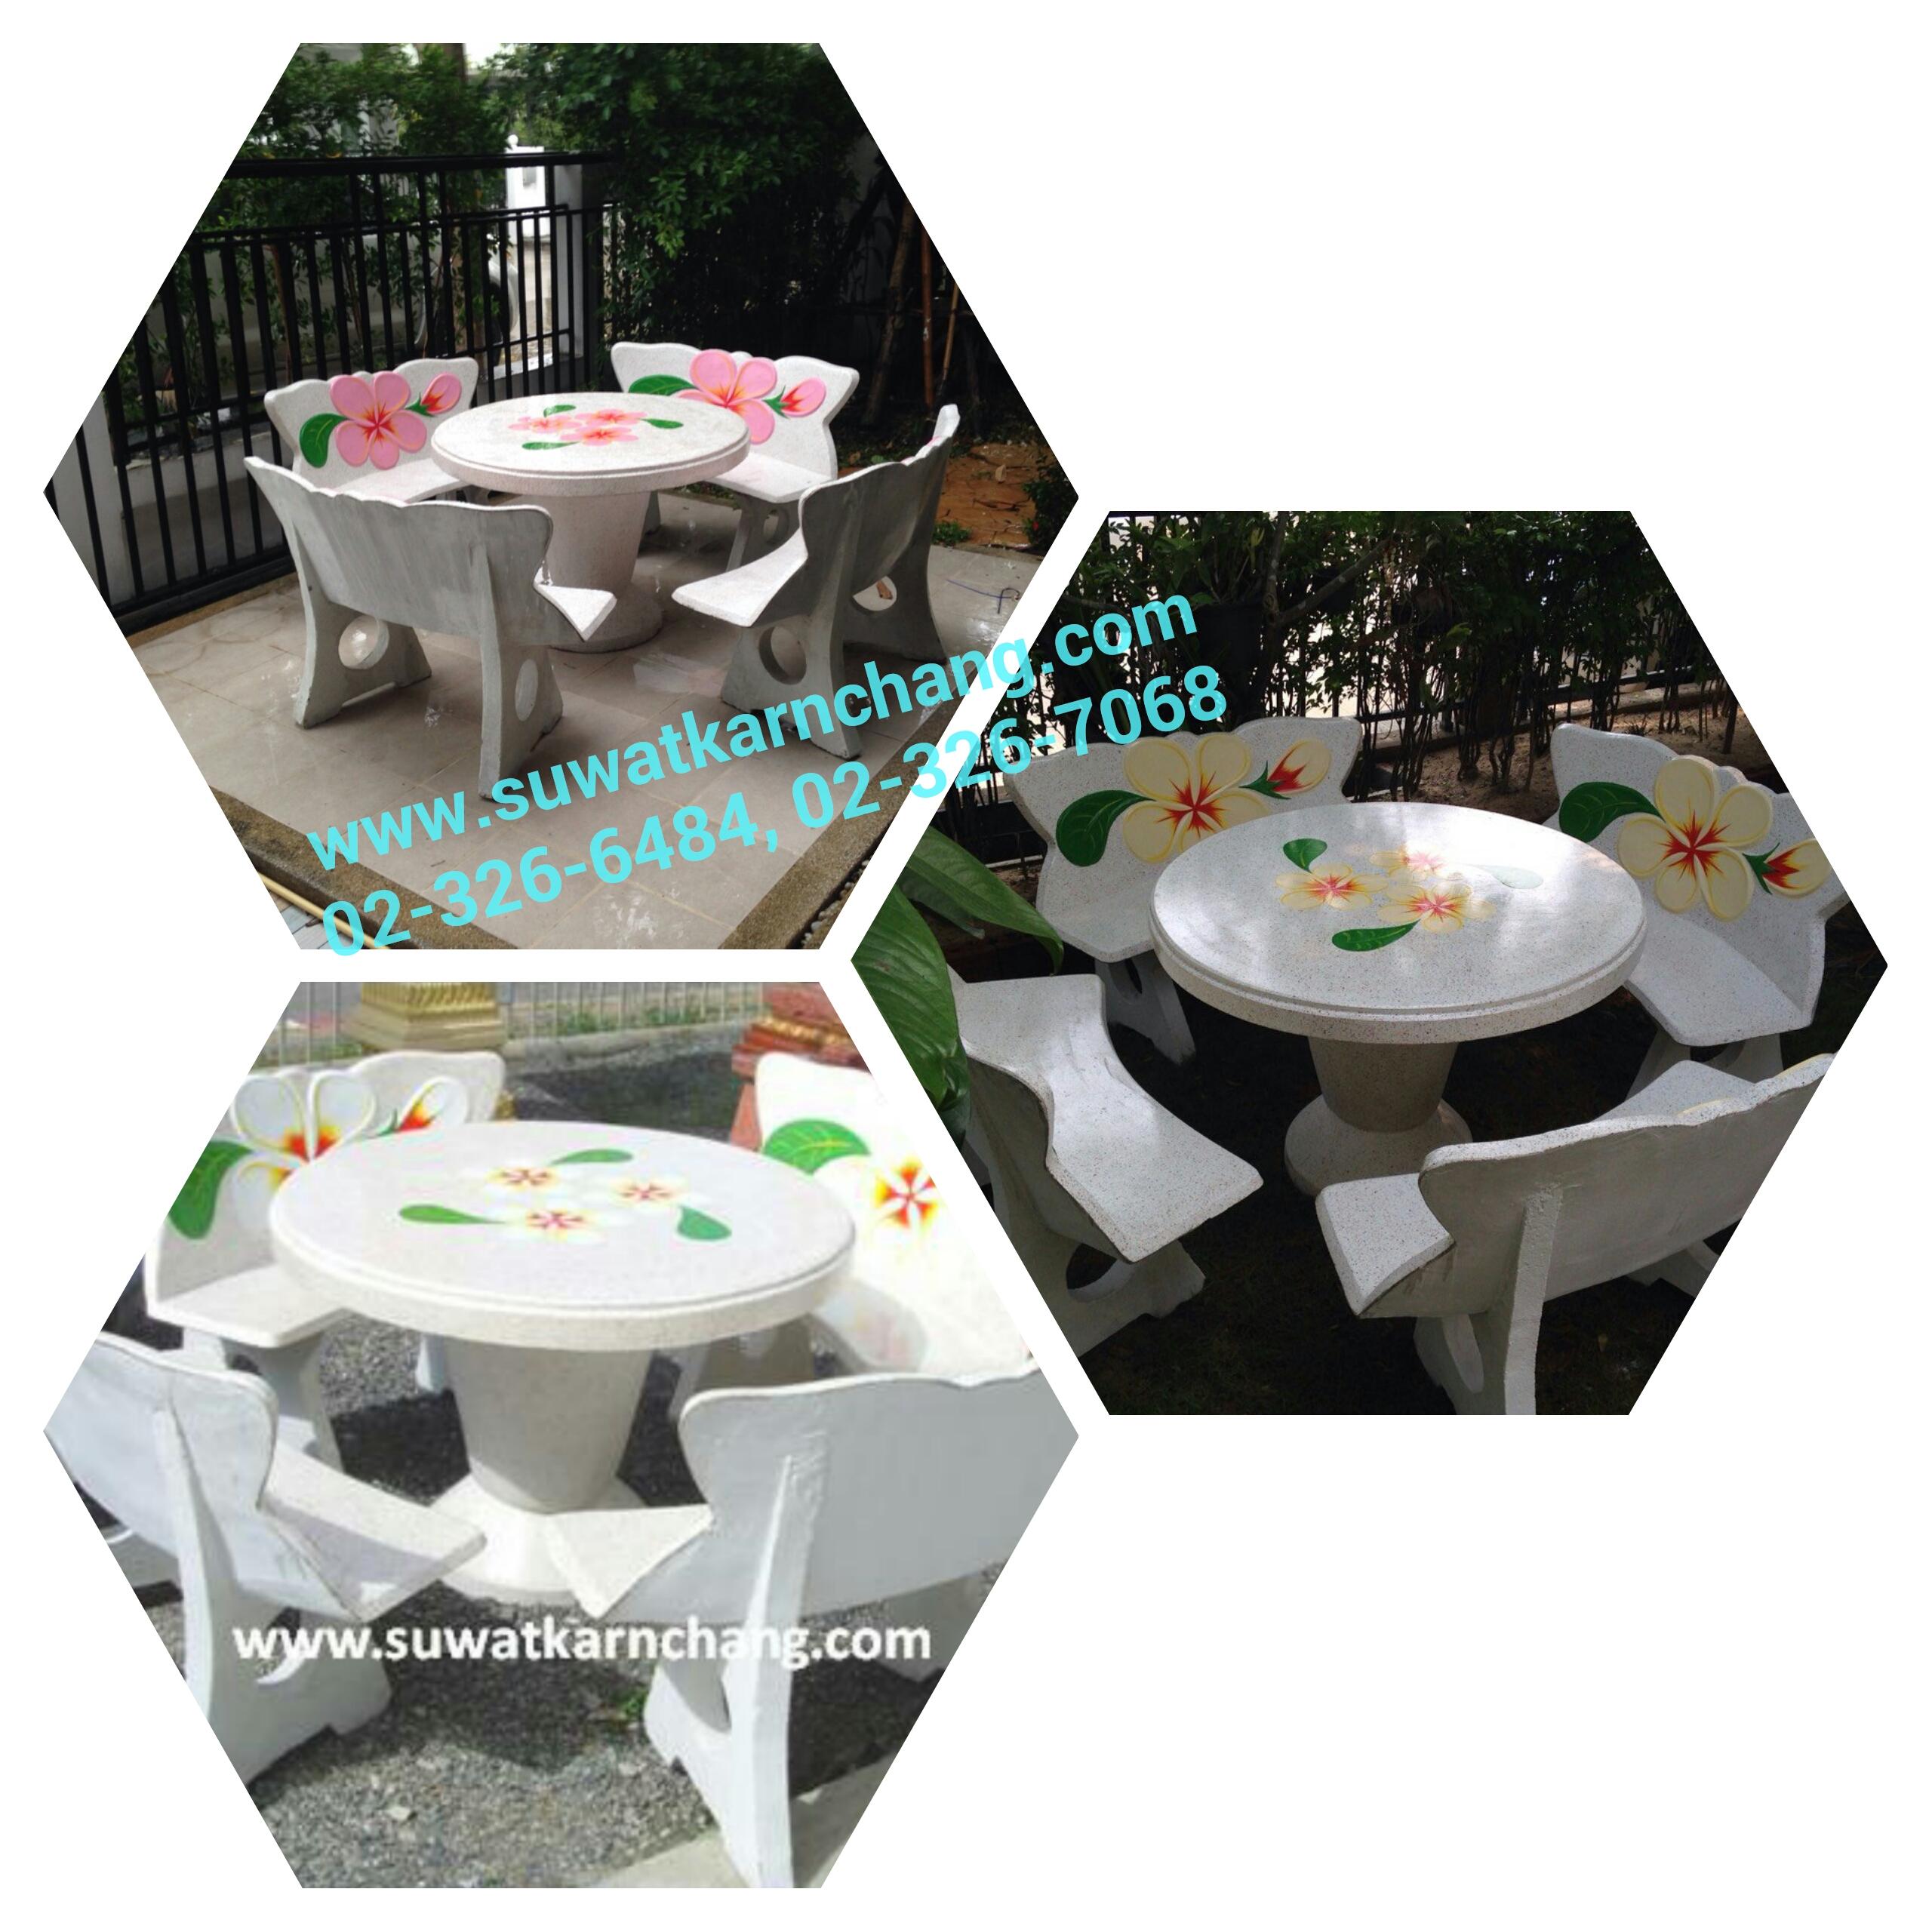 โต๊ะลีลาวดี ดอกสีขาว ครีม ชมพู